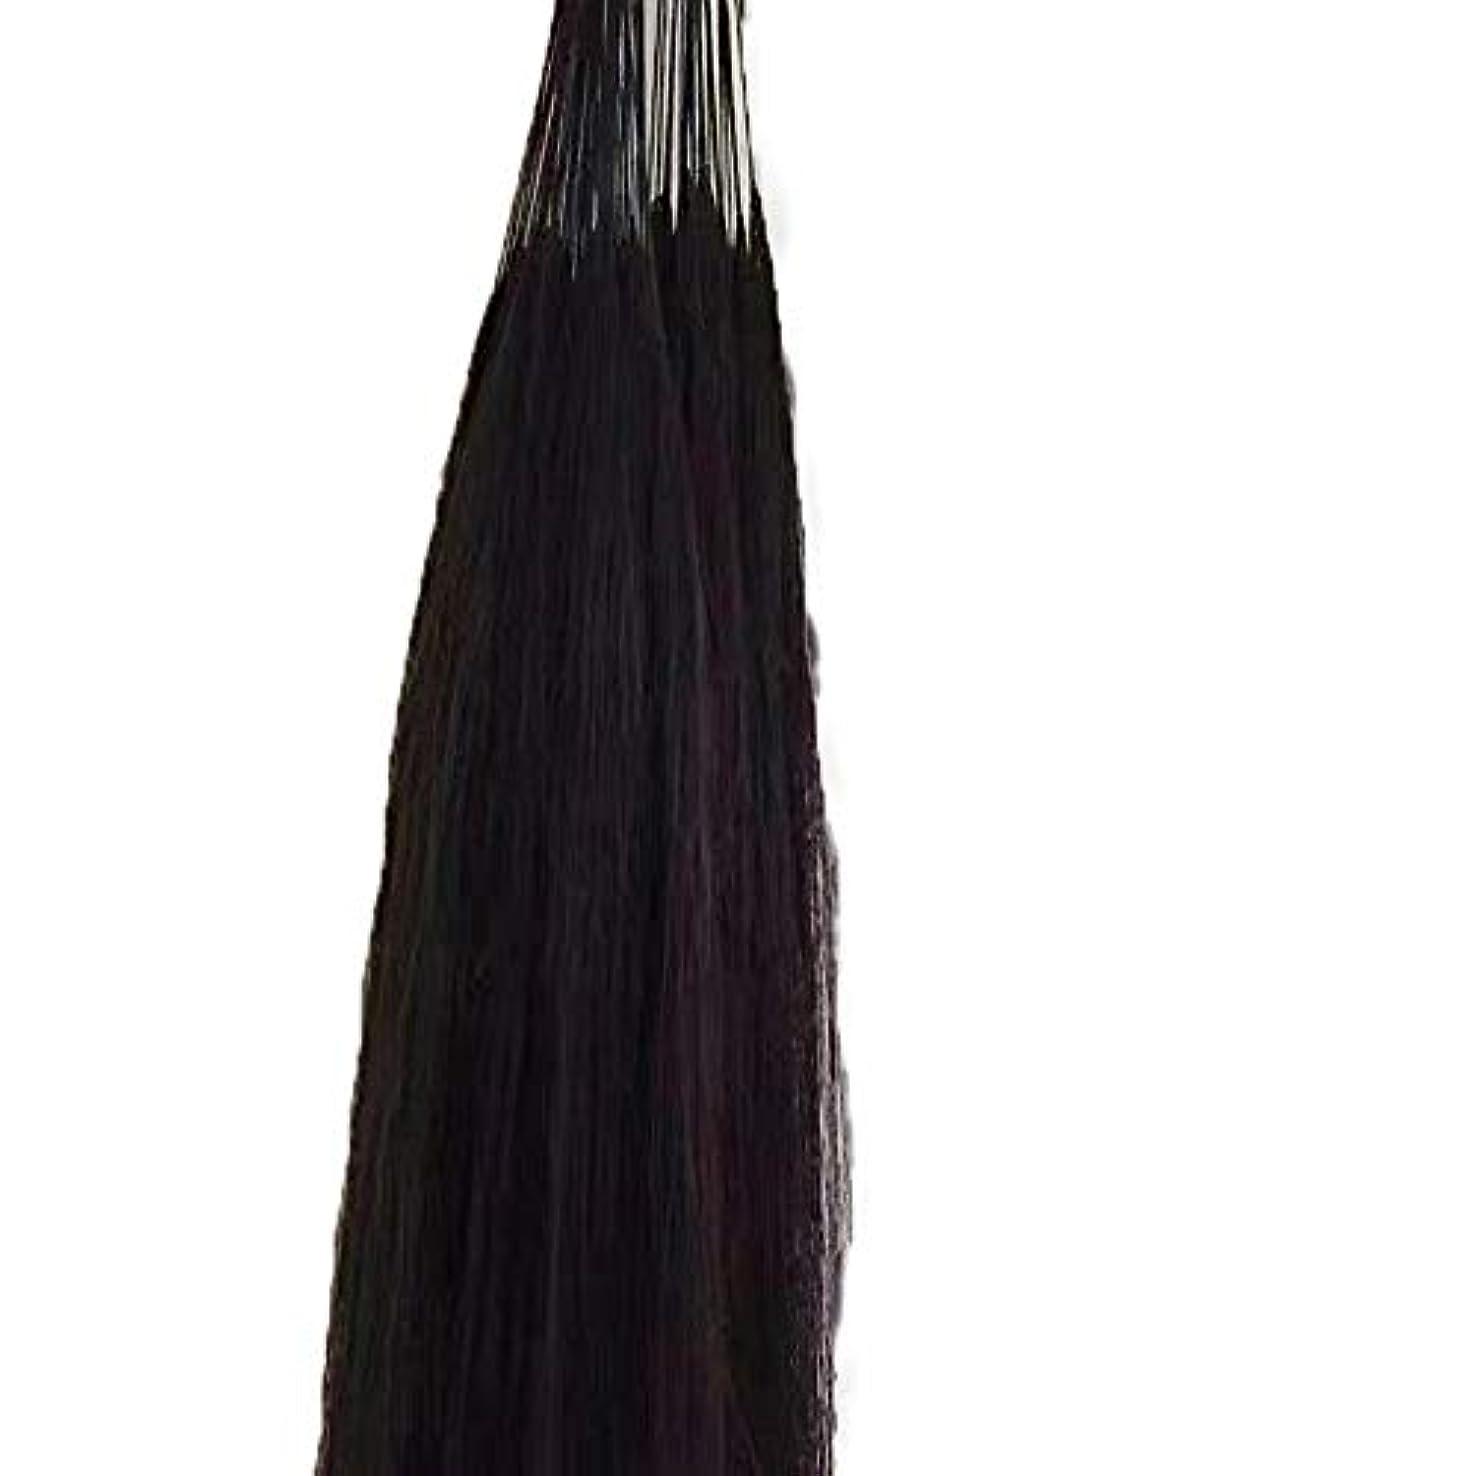 糸ファッション控えるJULYTER 羽毛エクステンション人間の毛先のヒントフュージョンアンボー手編み未縫合ヘアーエクステンション (色 : 黒, サイズ : 60cm)